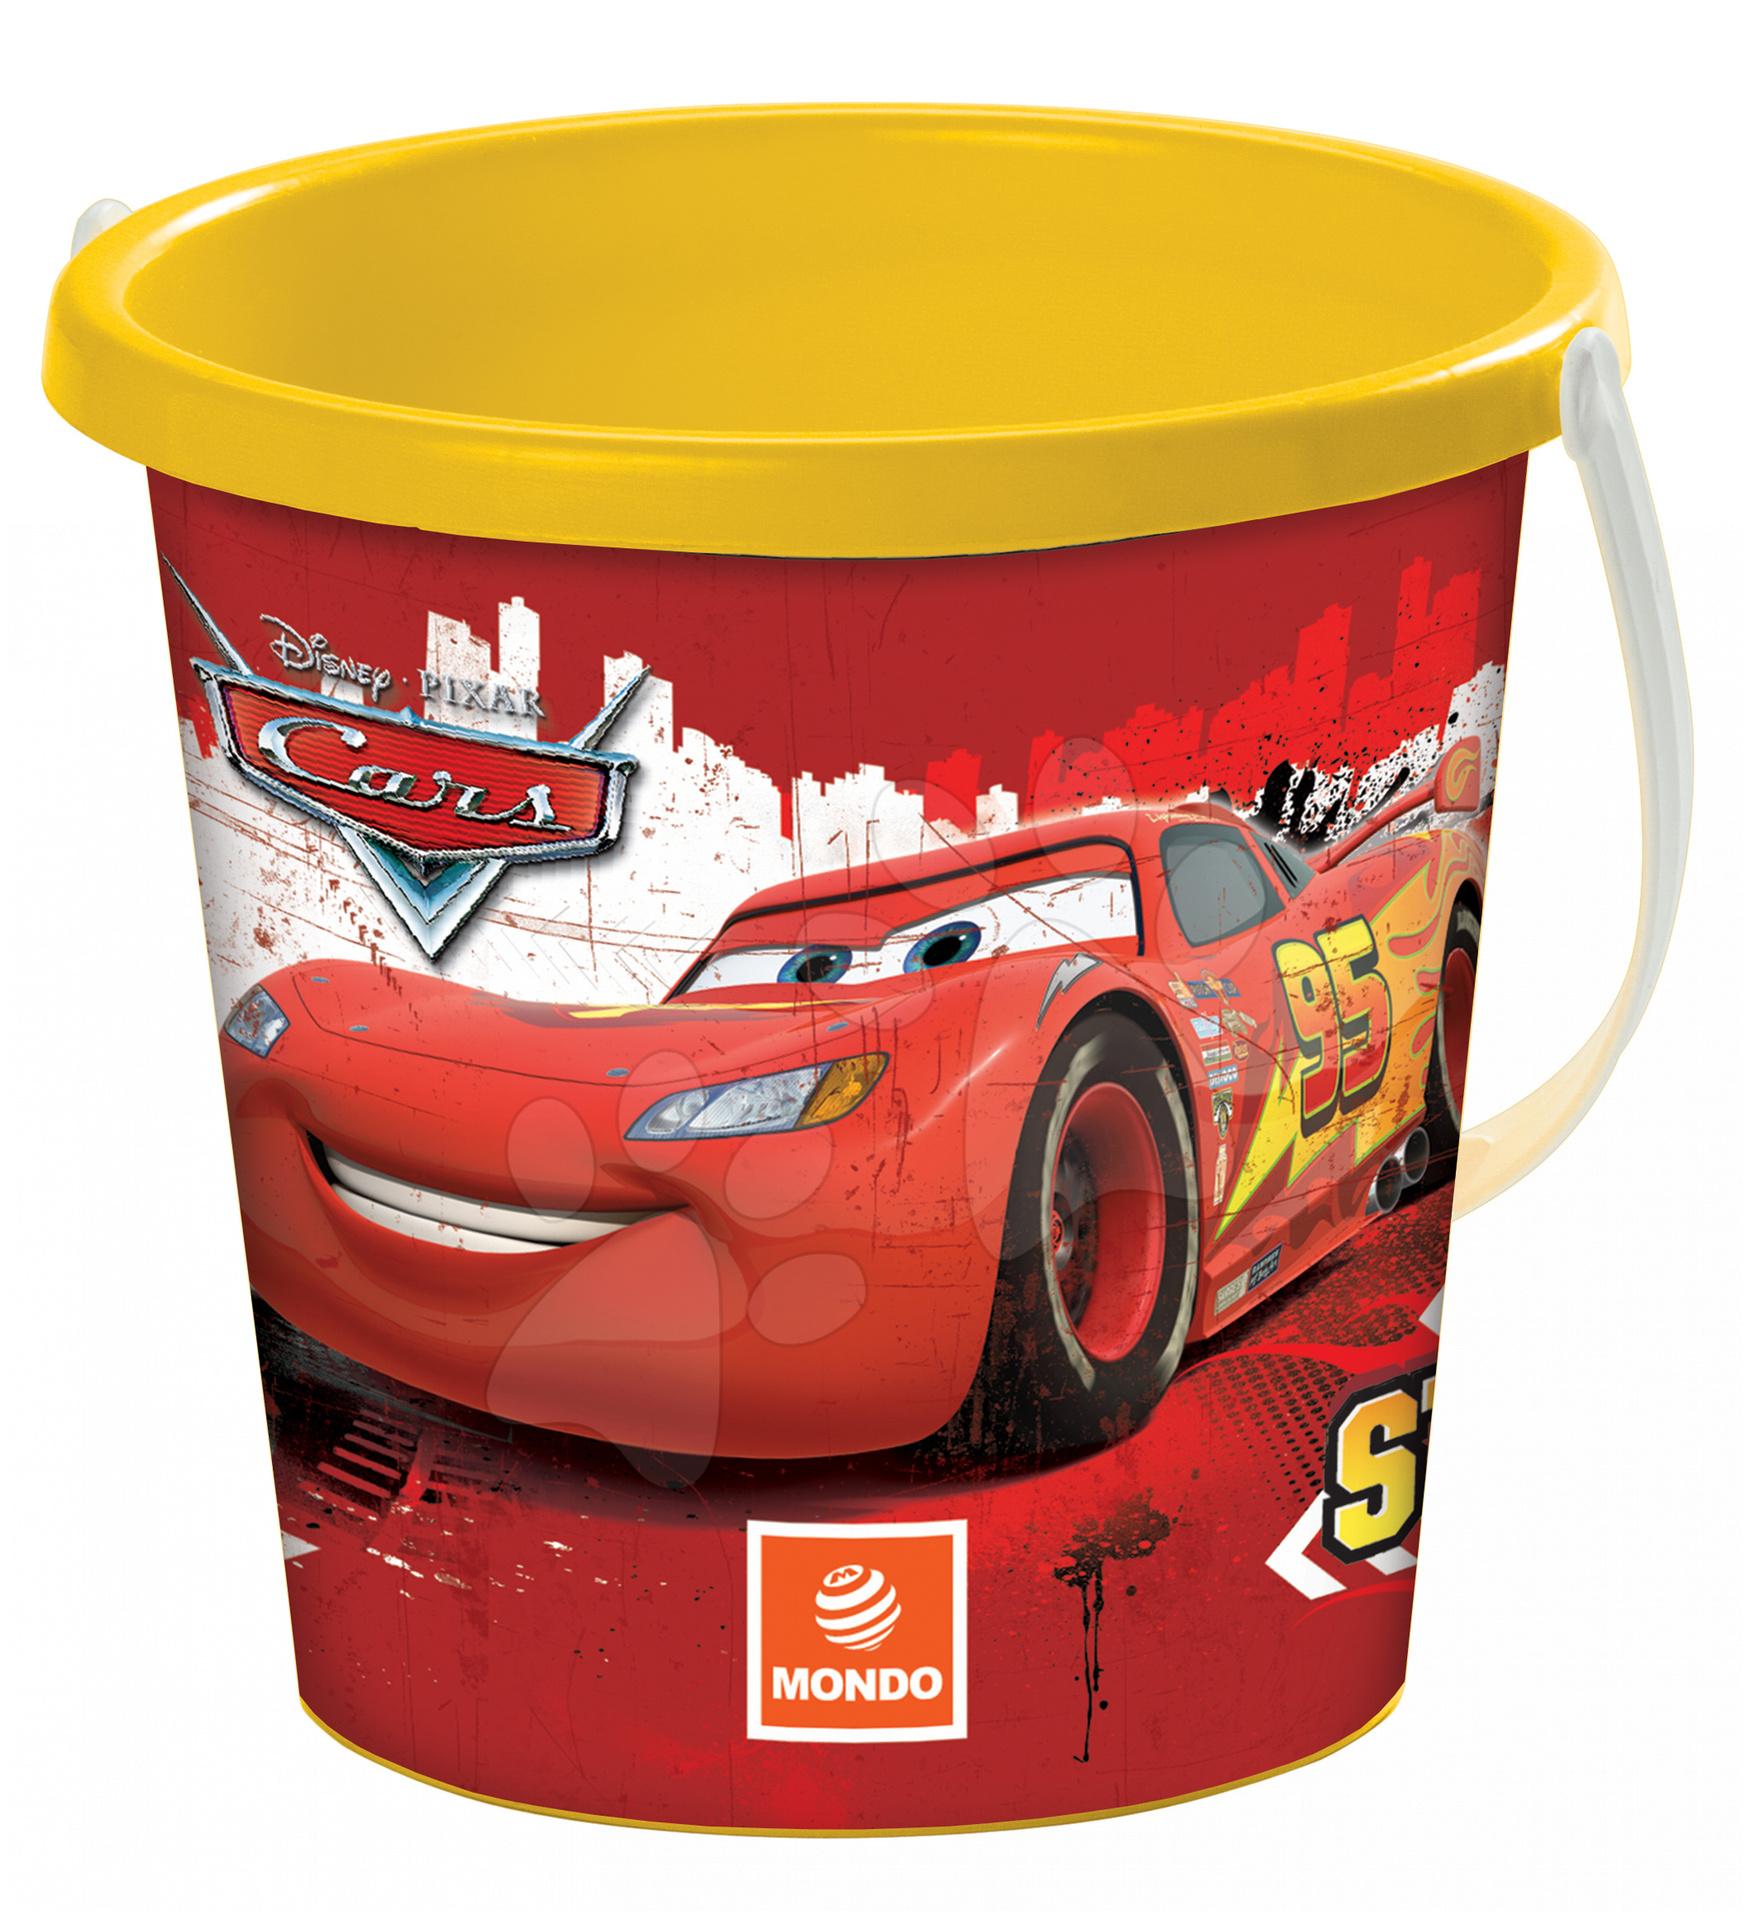 Kbelík Cars Mondo žluto-červený 19 cm